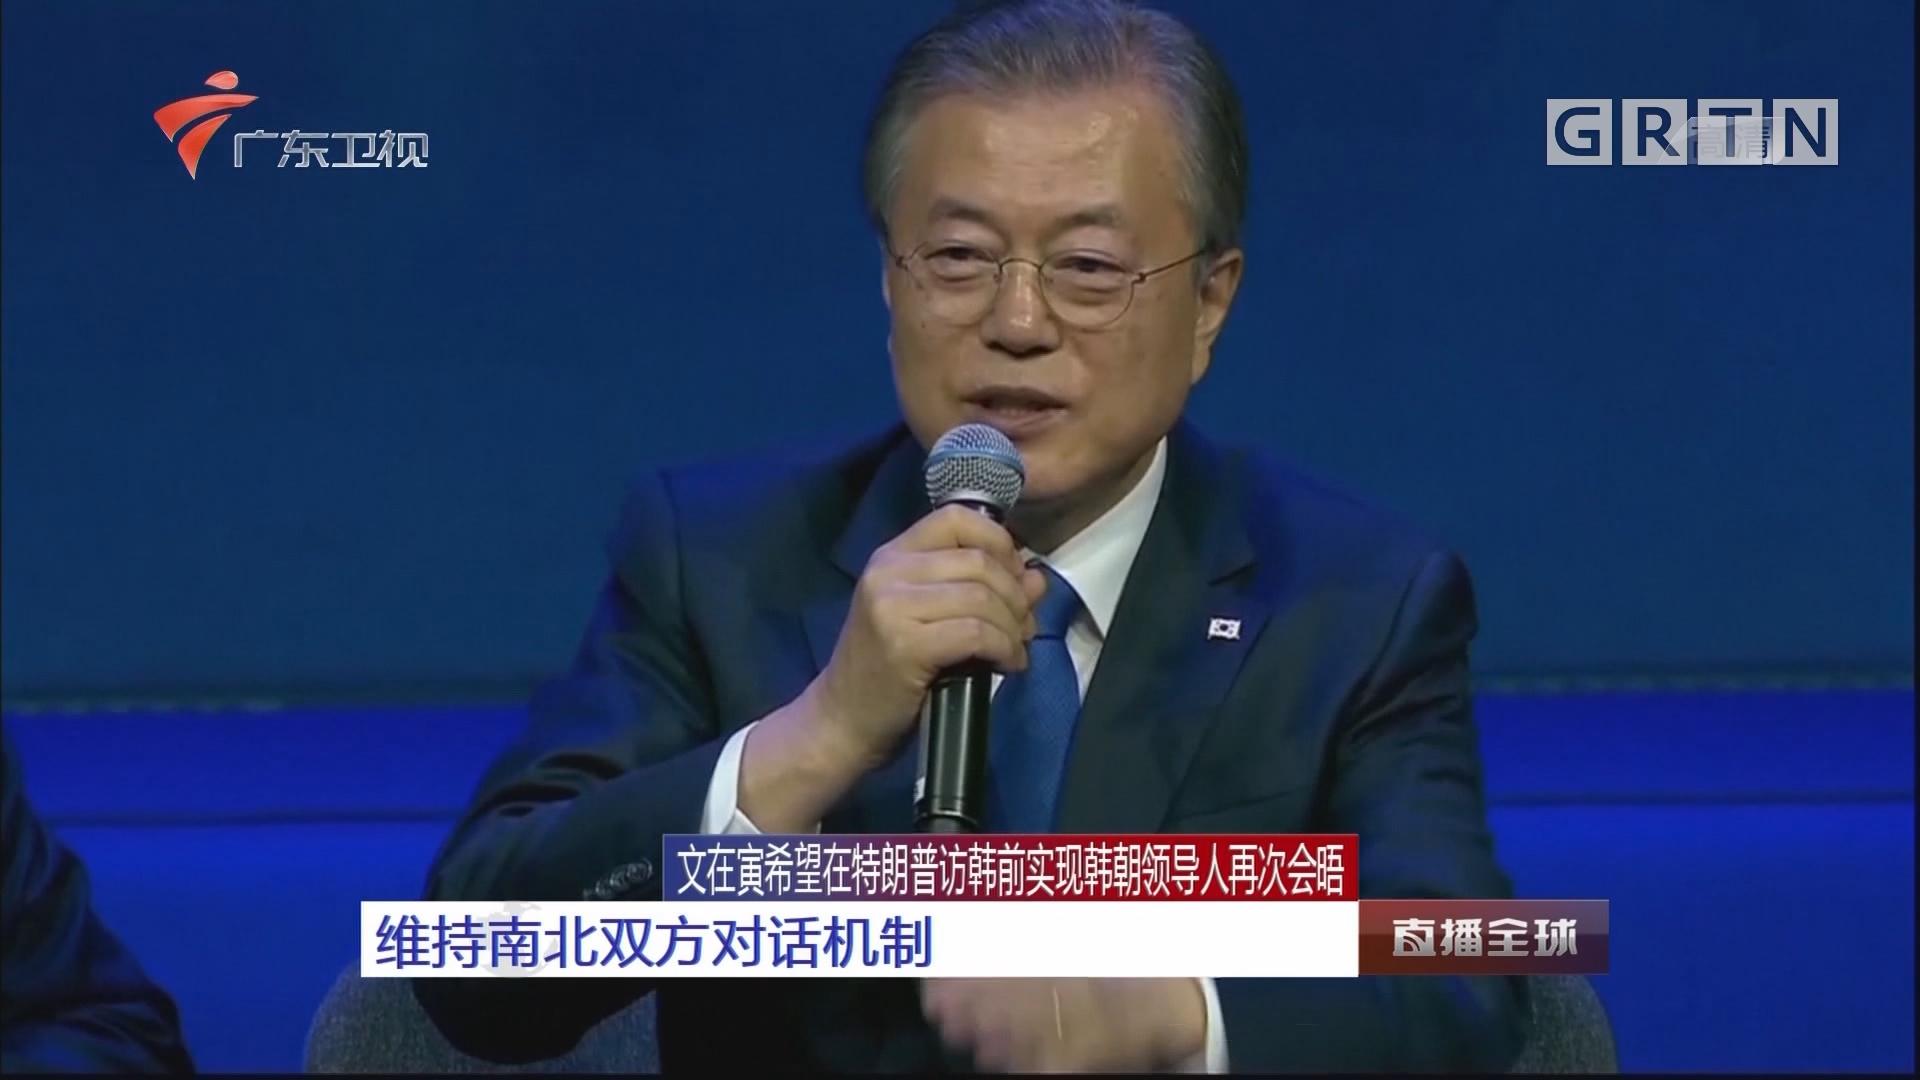 文在寅希望在特朗普访韩前实现韩朝领导人再次会晤 维持南北双方对话机制